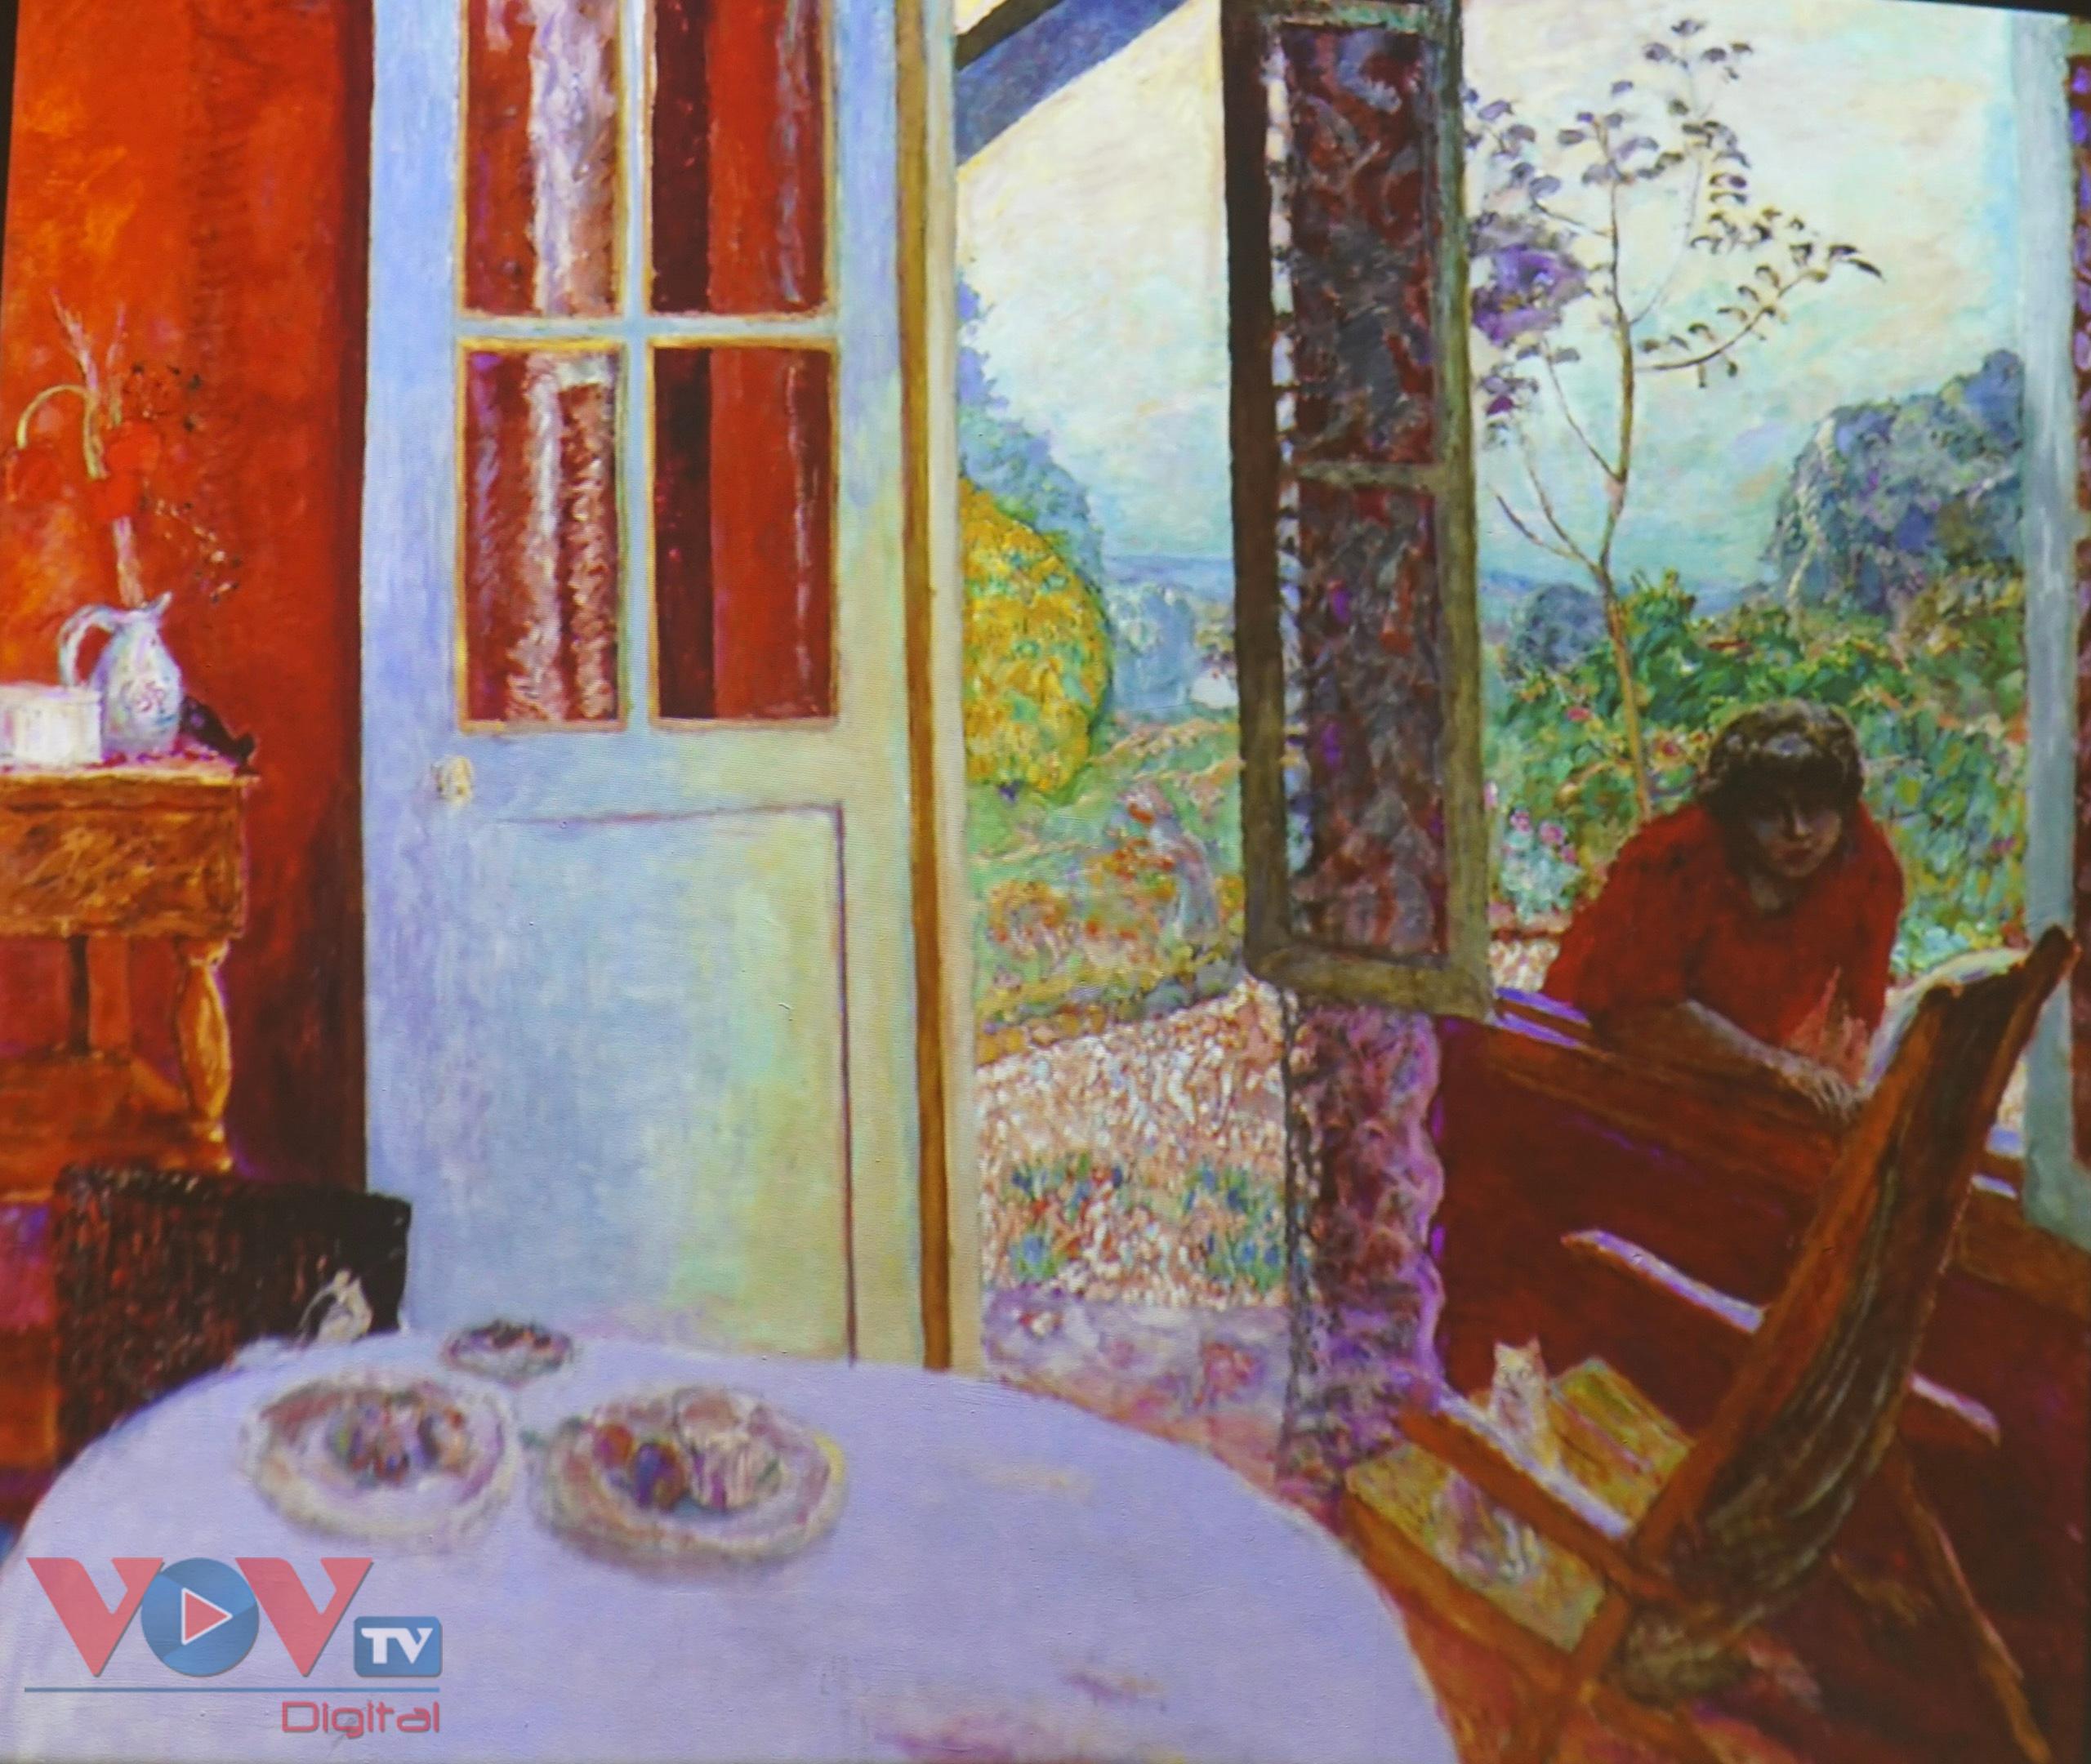 'Lặng yên rực rỡ': Cuộc chu du trong thế giới nghệ thuật - Ảnh 6.